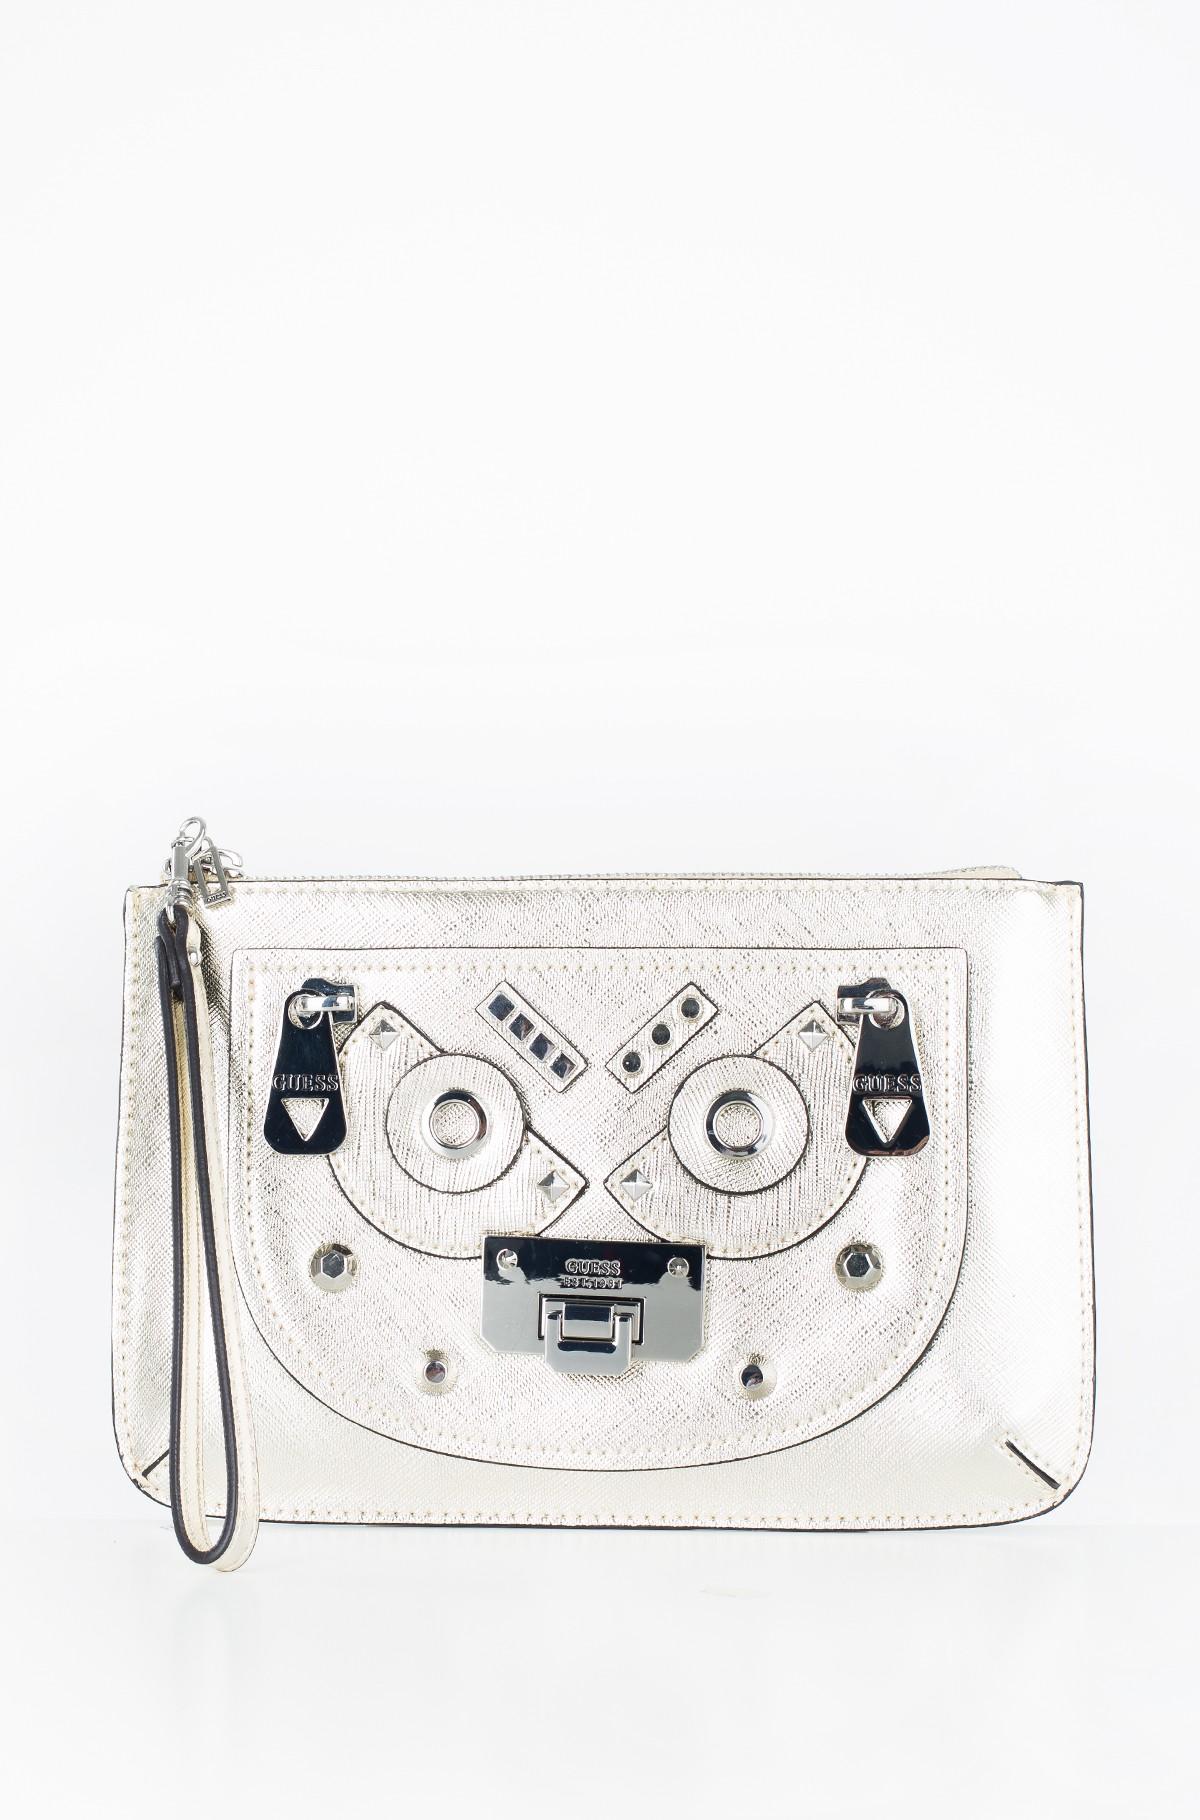 Handbag HWGD67 77710-full-1